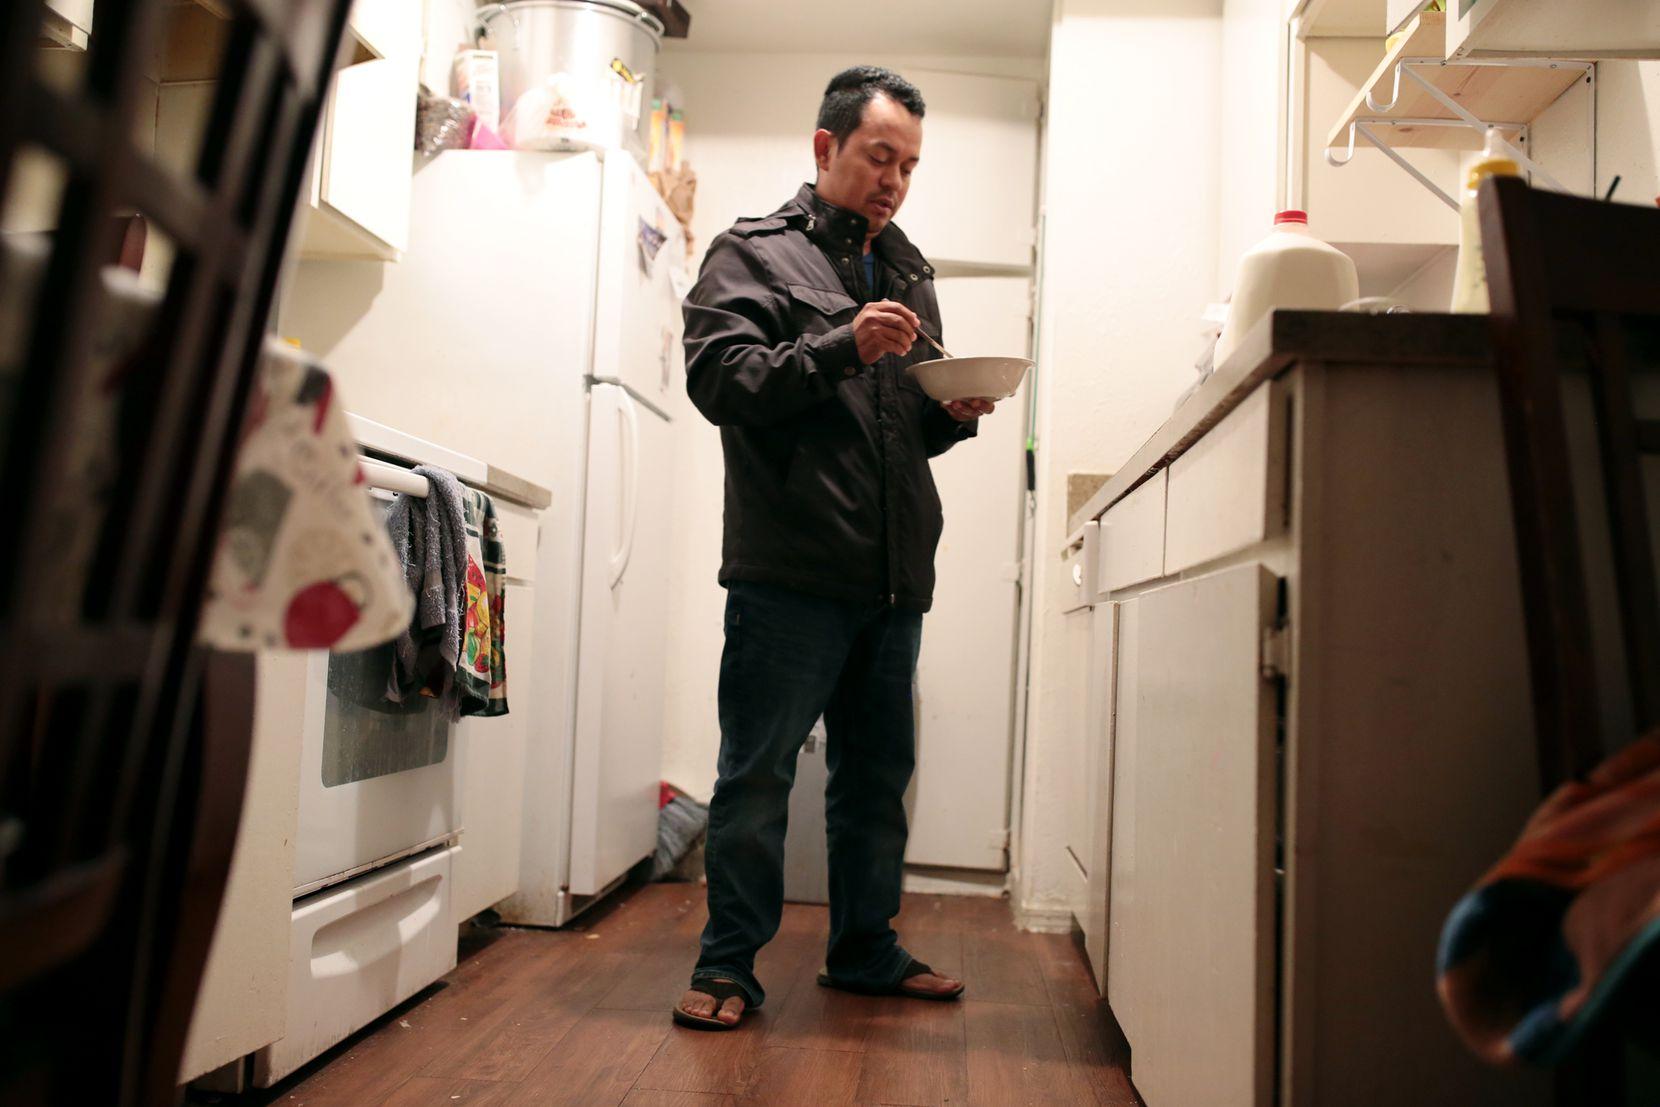 Omar Ortega sostiene el tazón de cereal que le dio a su hijo Michael mientras él se alista para ir a la escuela, el lunes. (ESPECIAL PARA AL DÍA/MARIA R. OLIVAS)